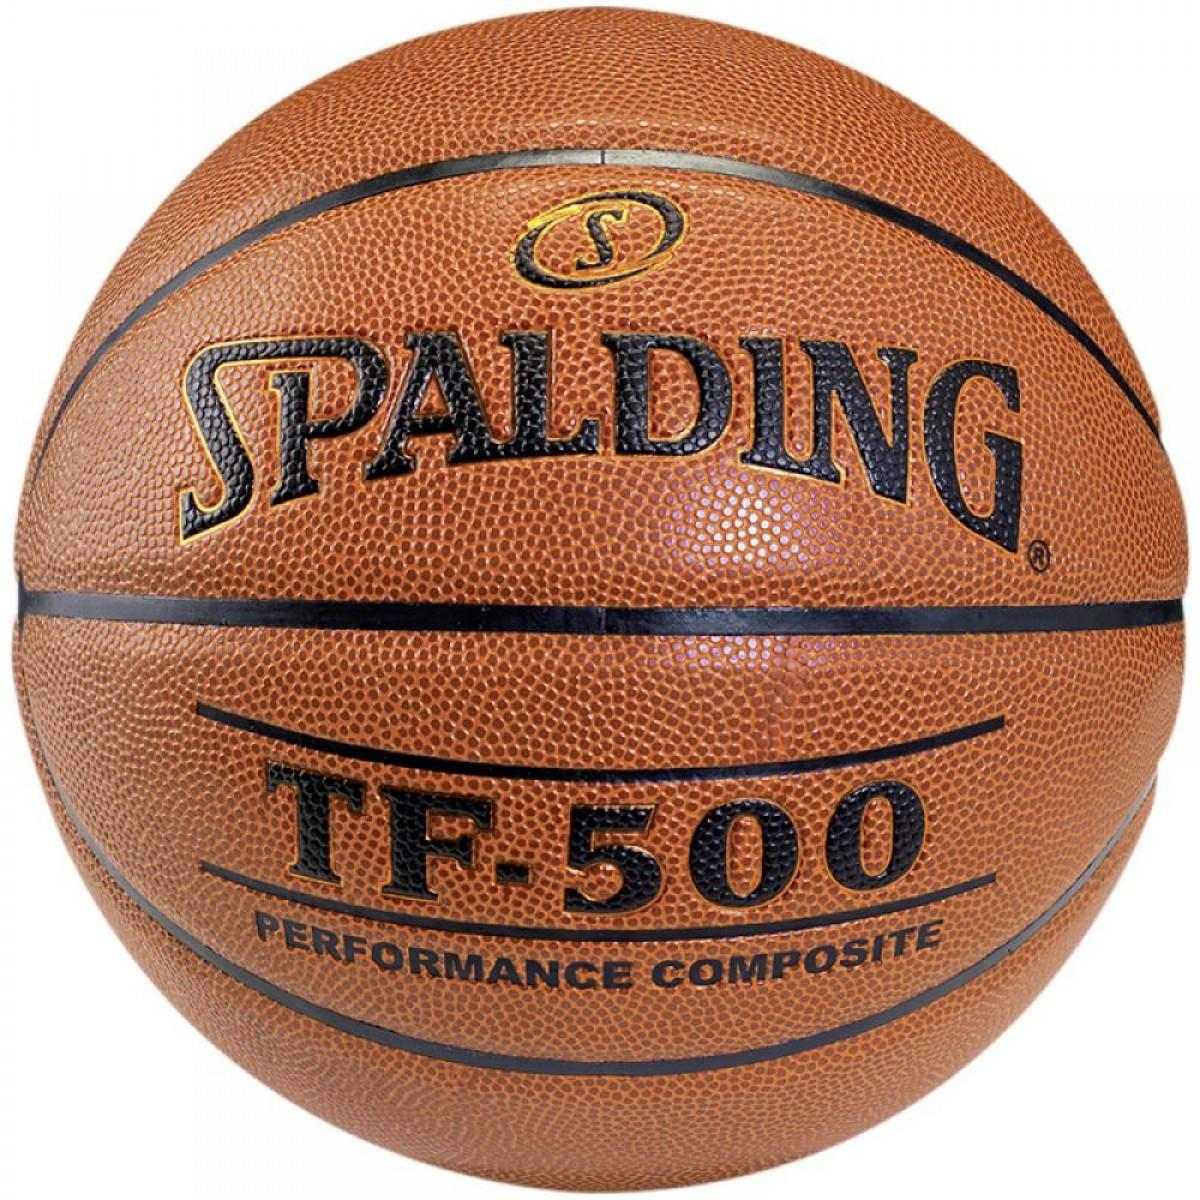 Мяч баскетбольный Spalding TF-500 IN / OUT Size 7